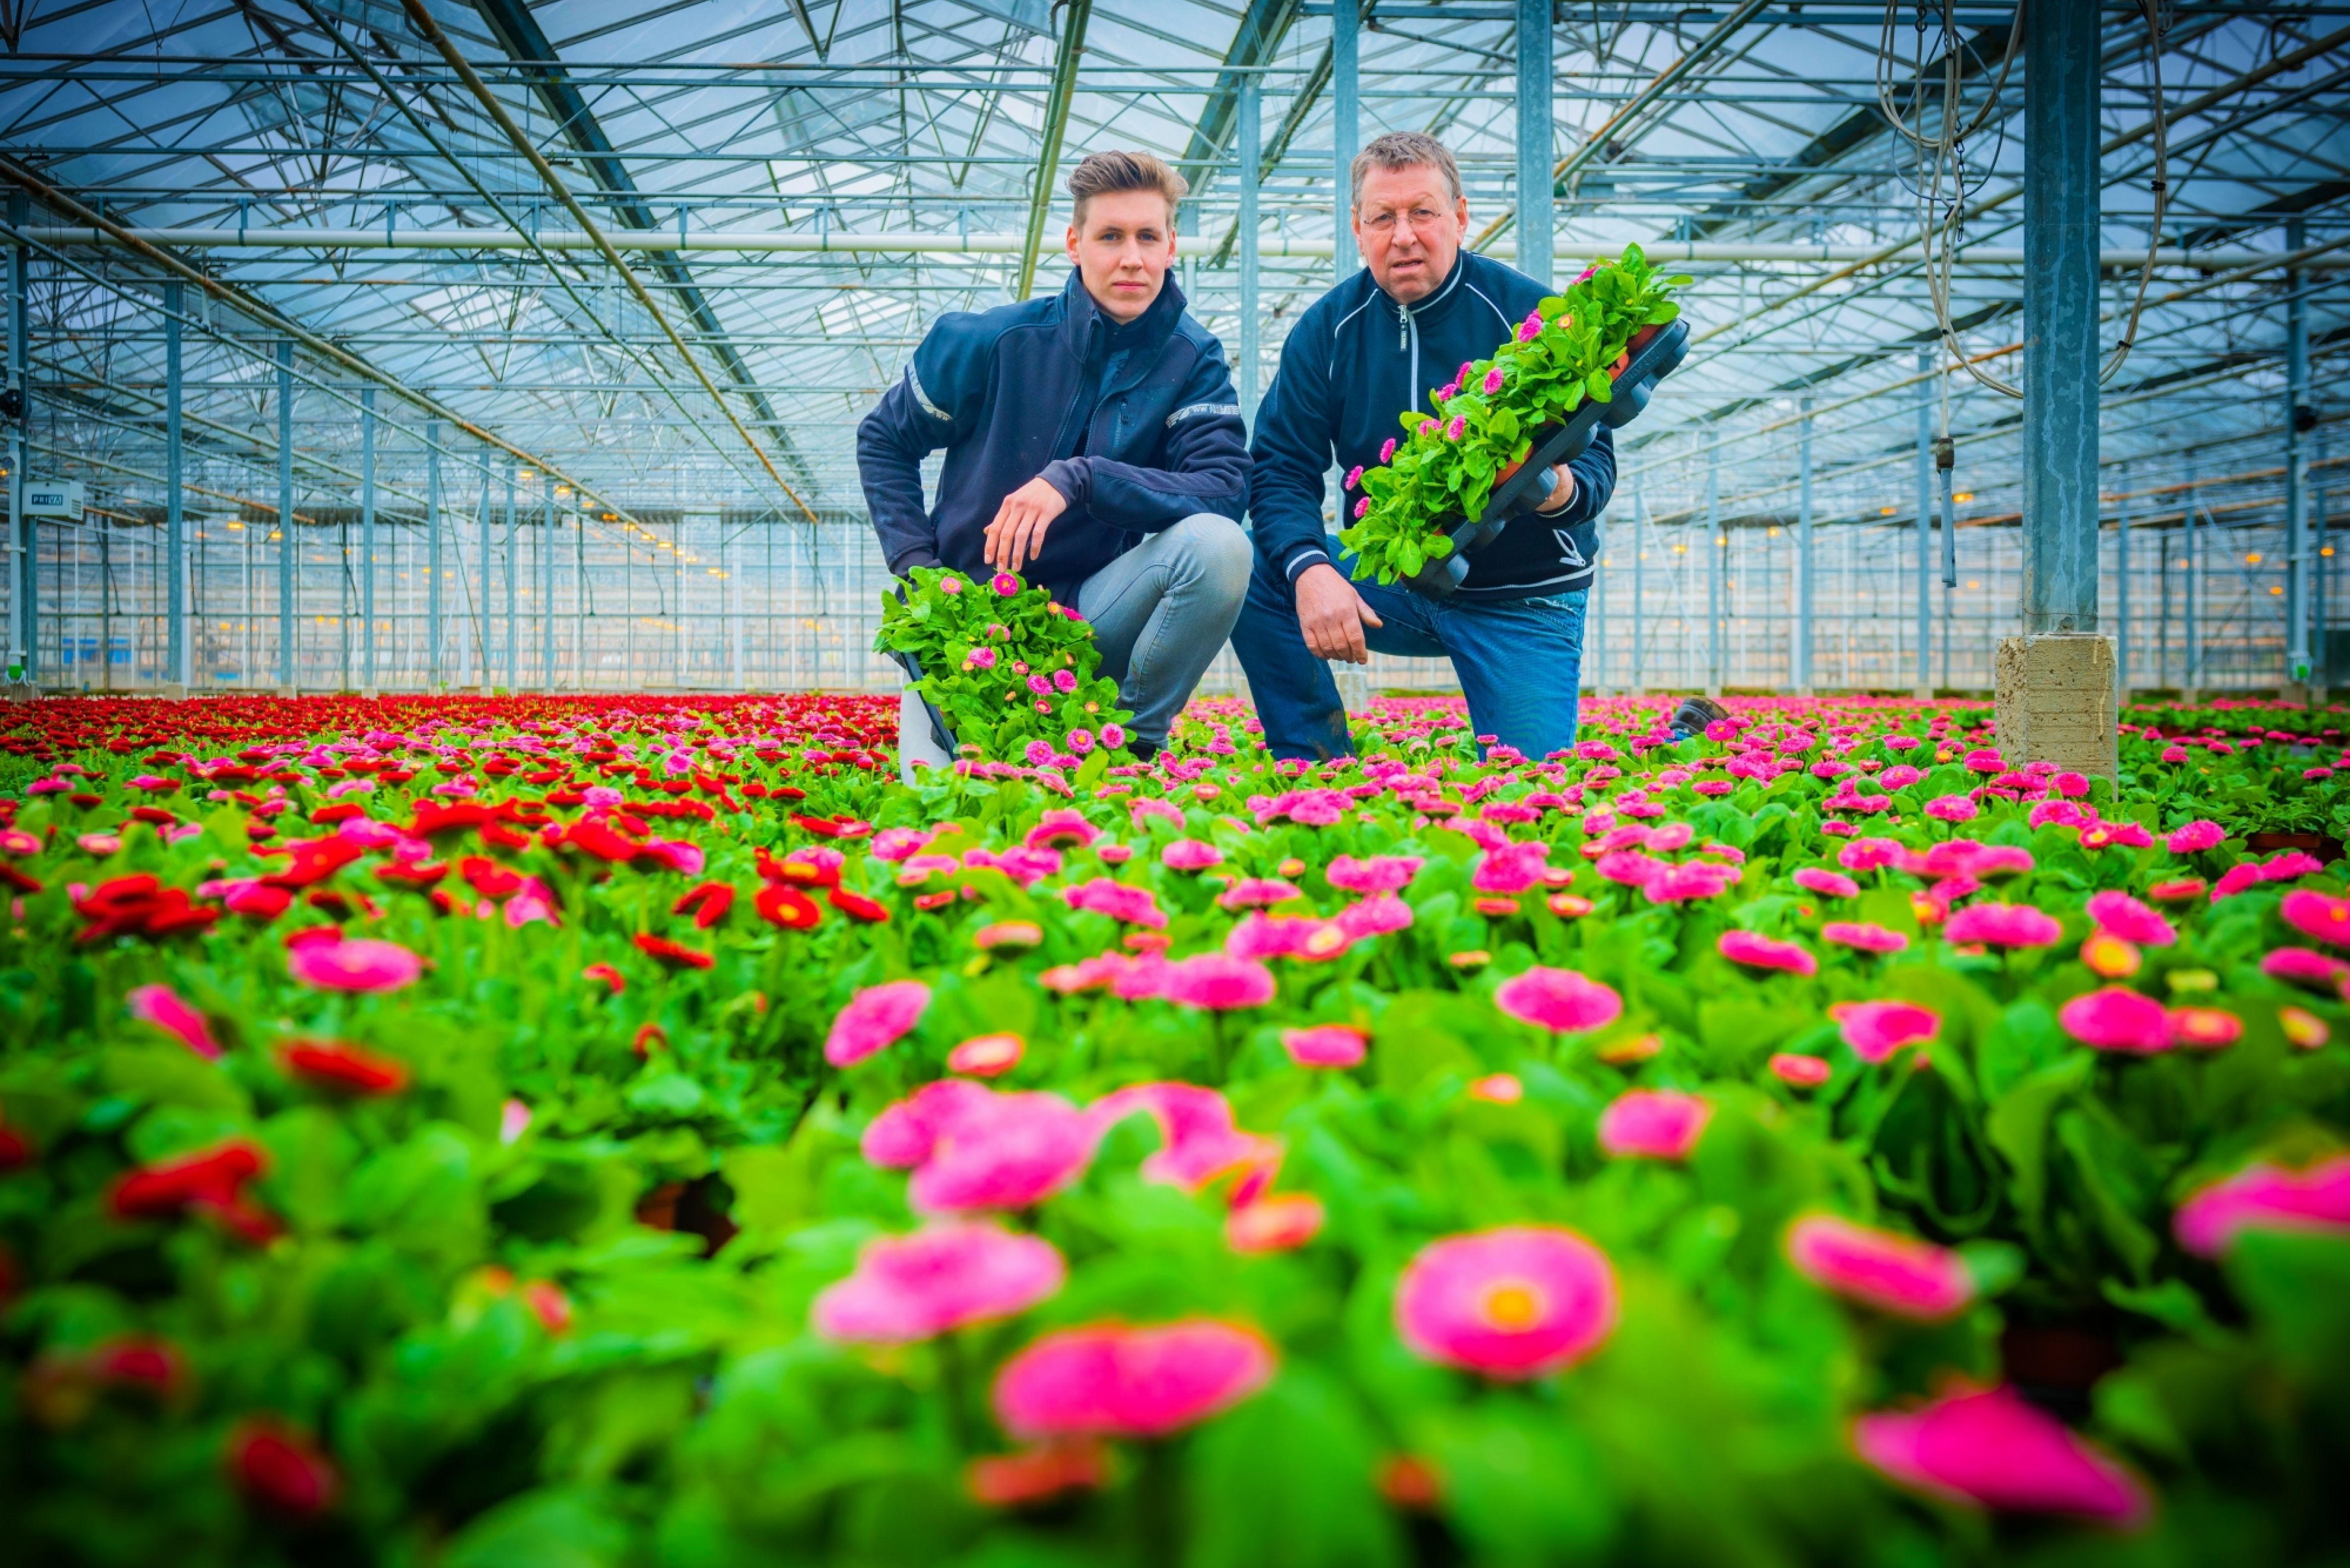 Telers André Knoppert en zoon coronacrisis tuinbouw lockdown maatregelen bloemen